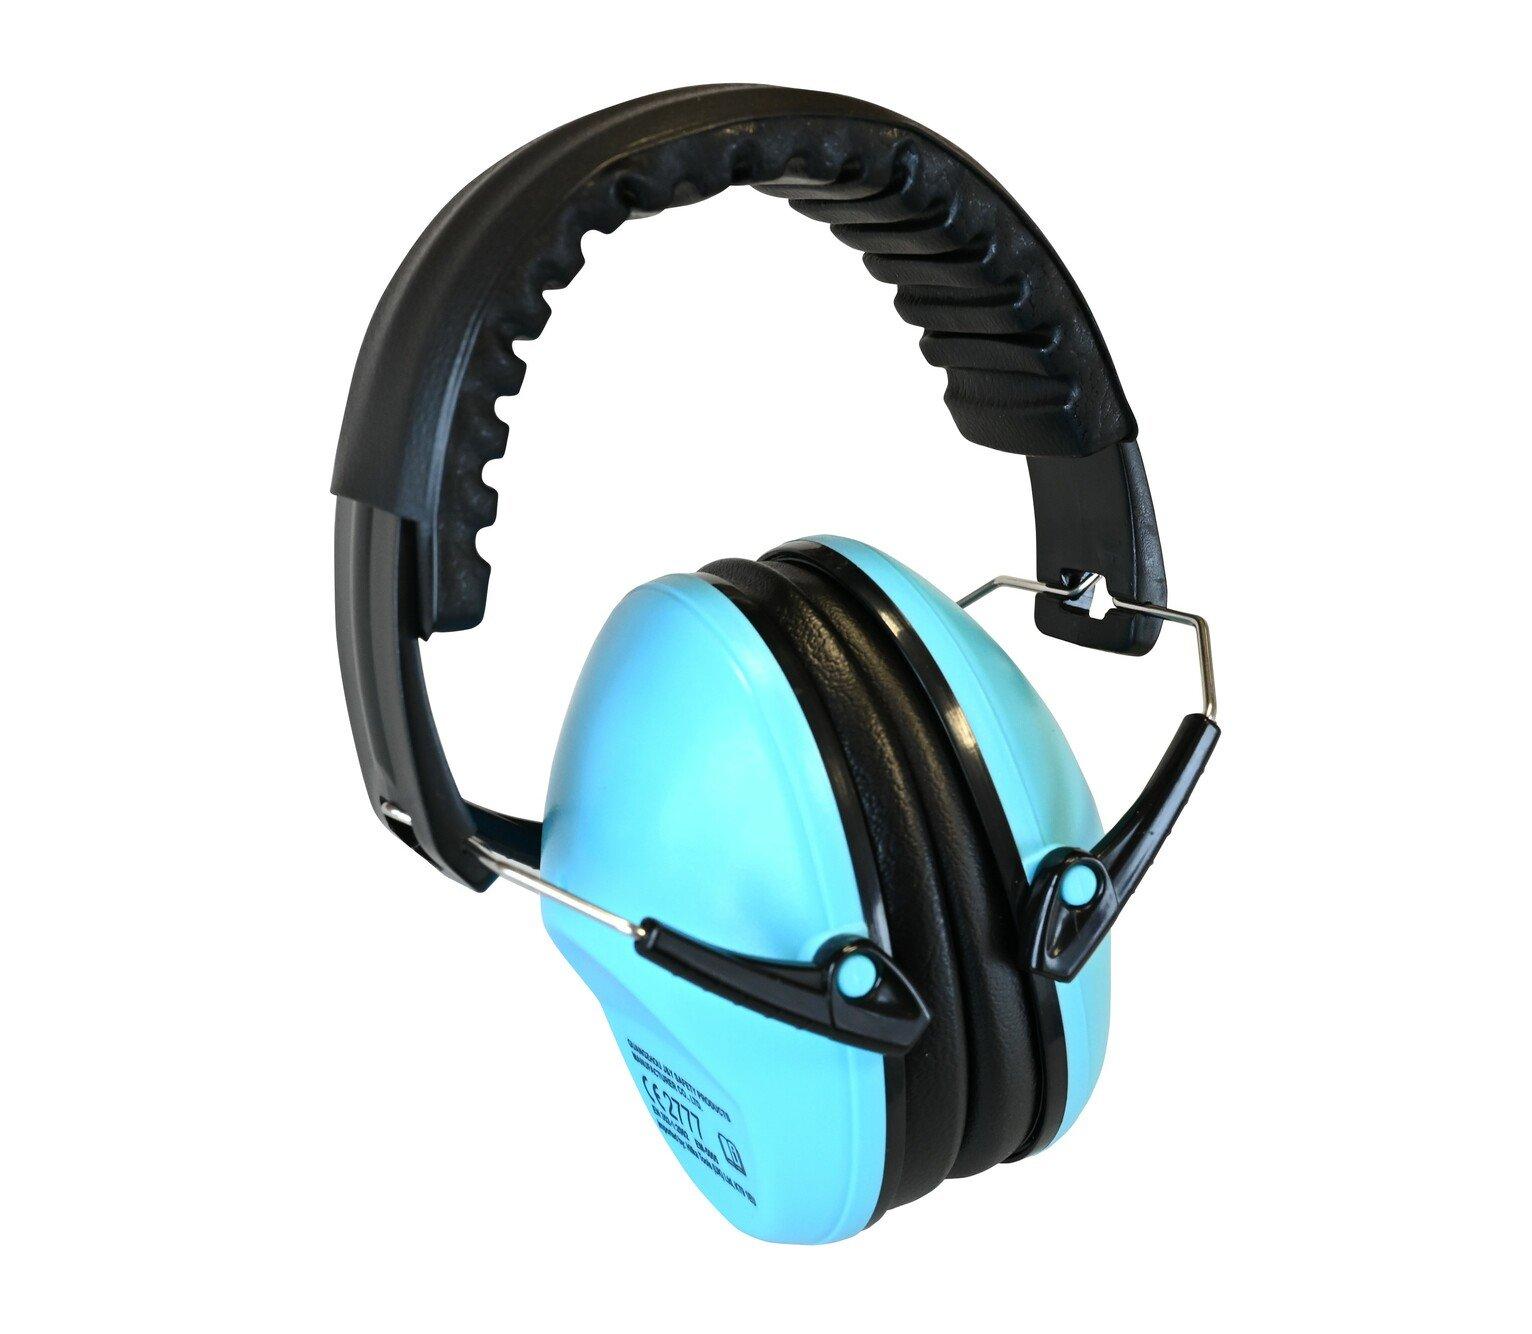 Image of Hilka Childrens Ear Defenders - Blue